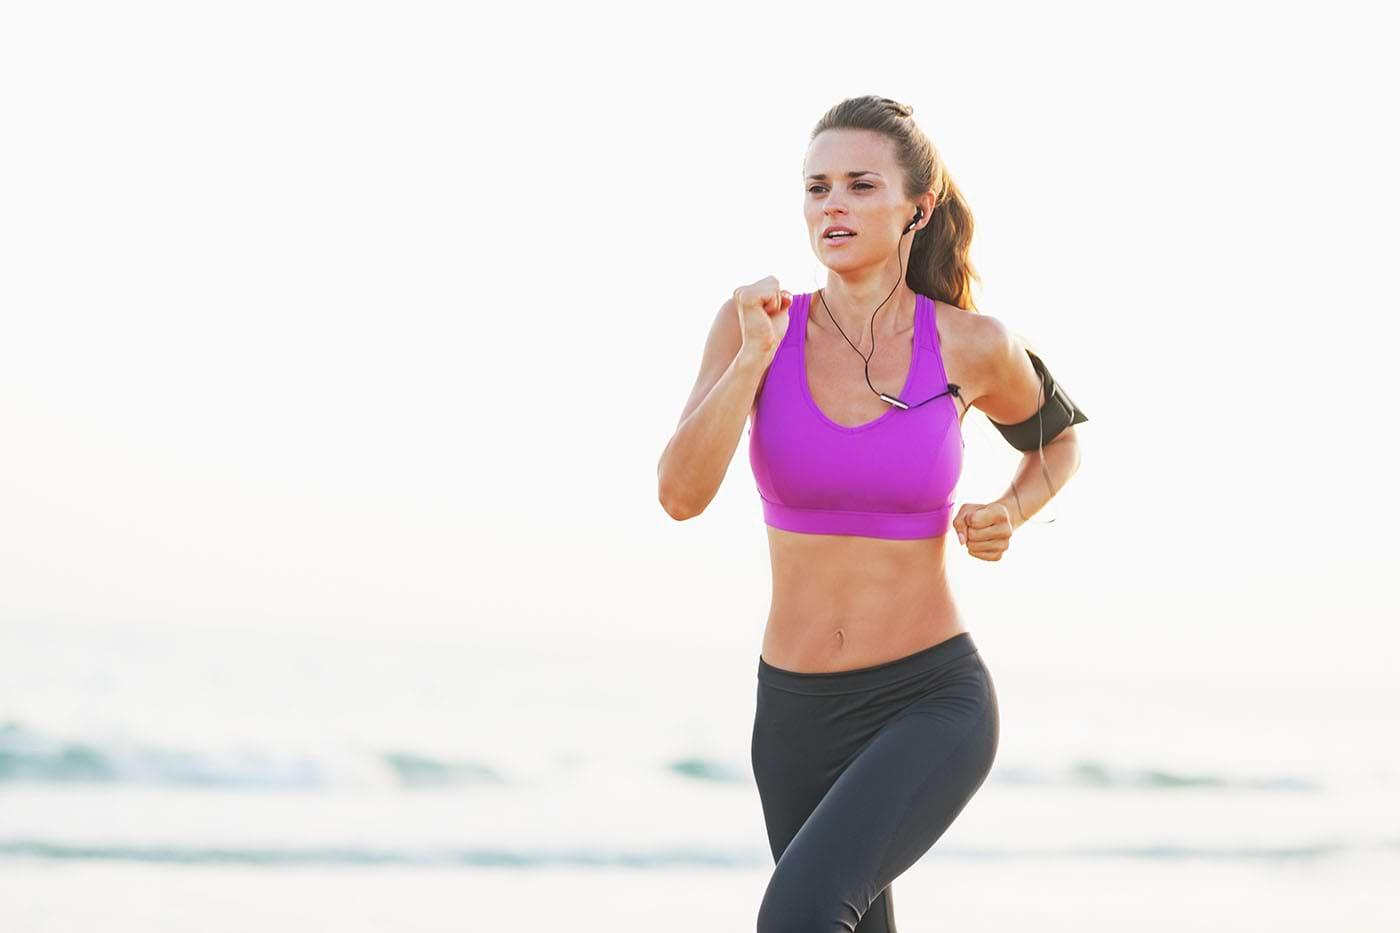 Muzica în căști pentru alergare te ajută să fii mai motivat